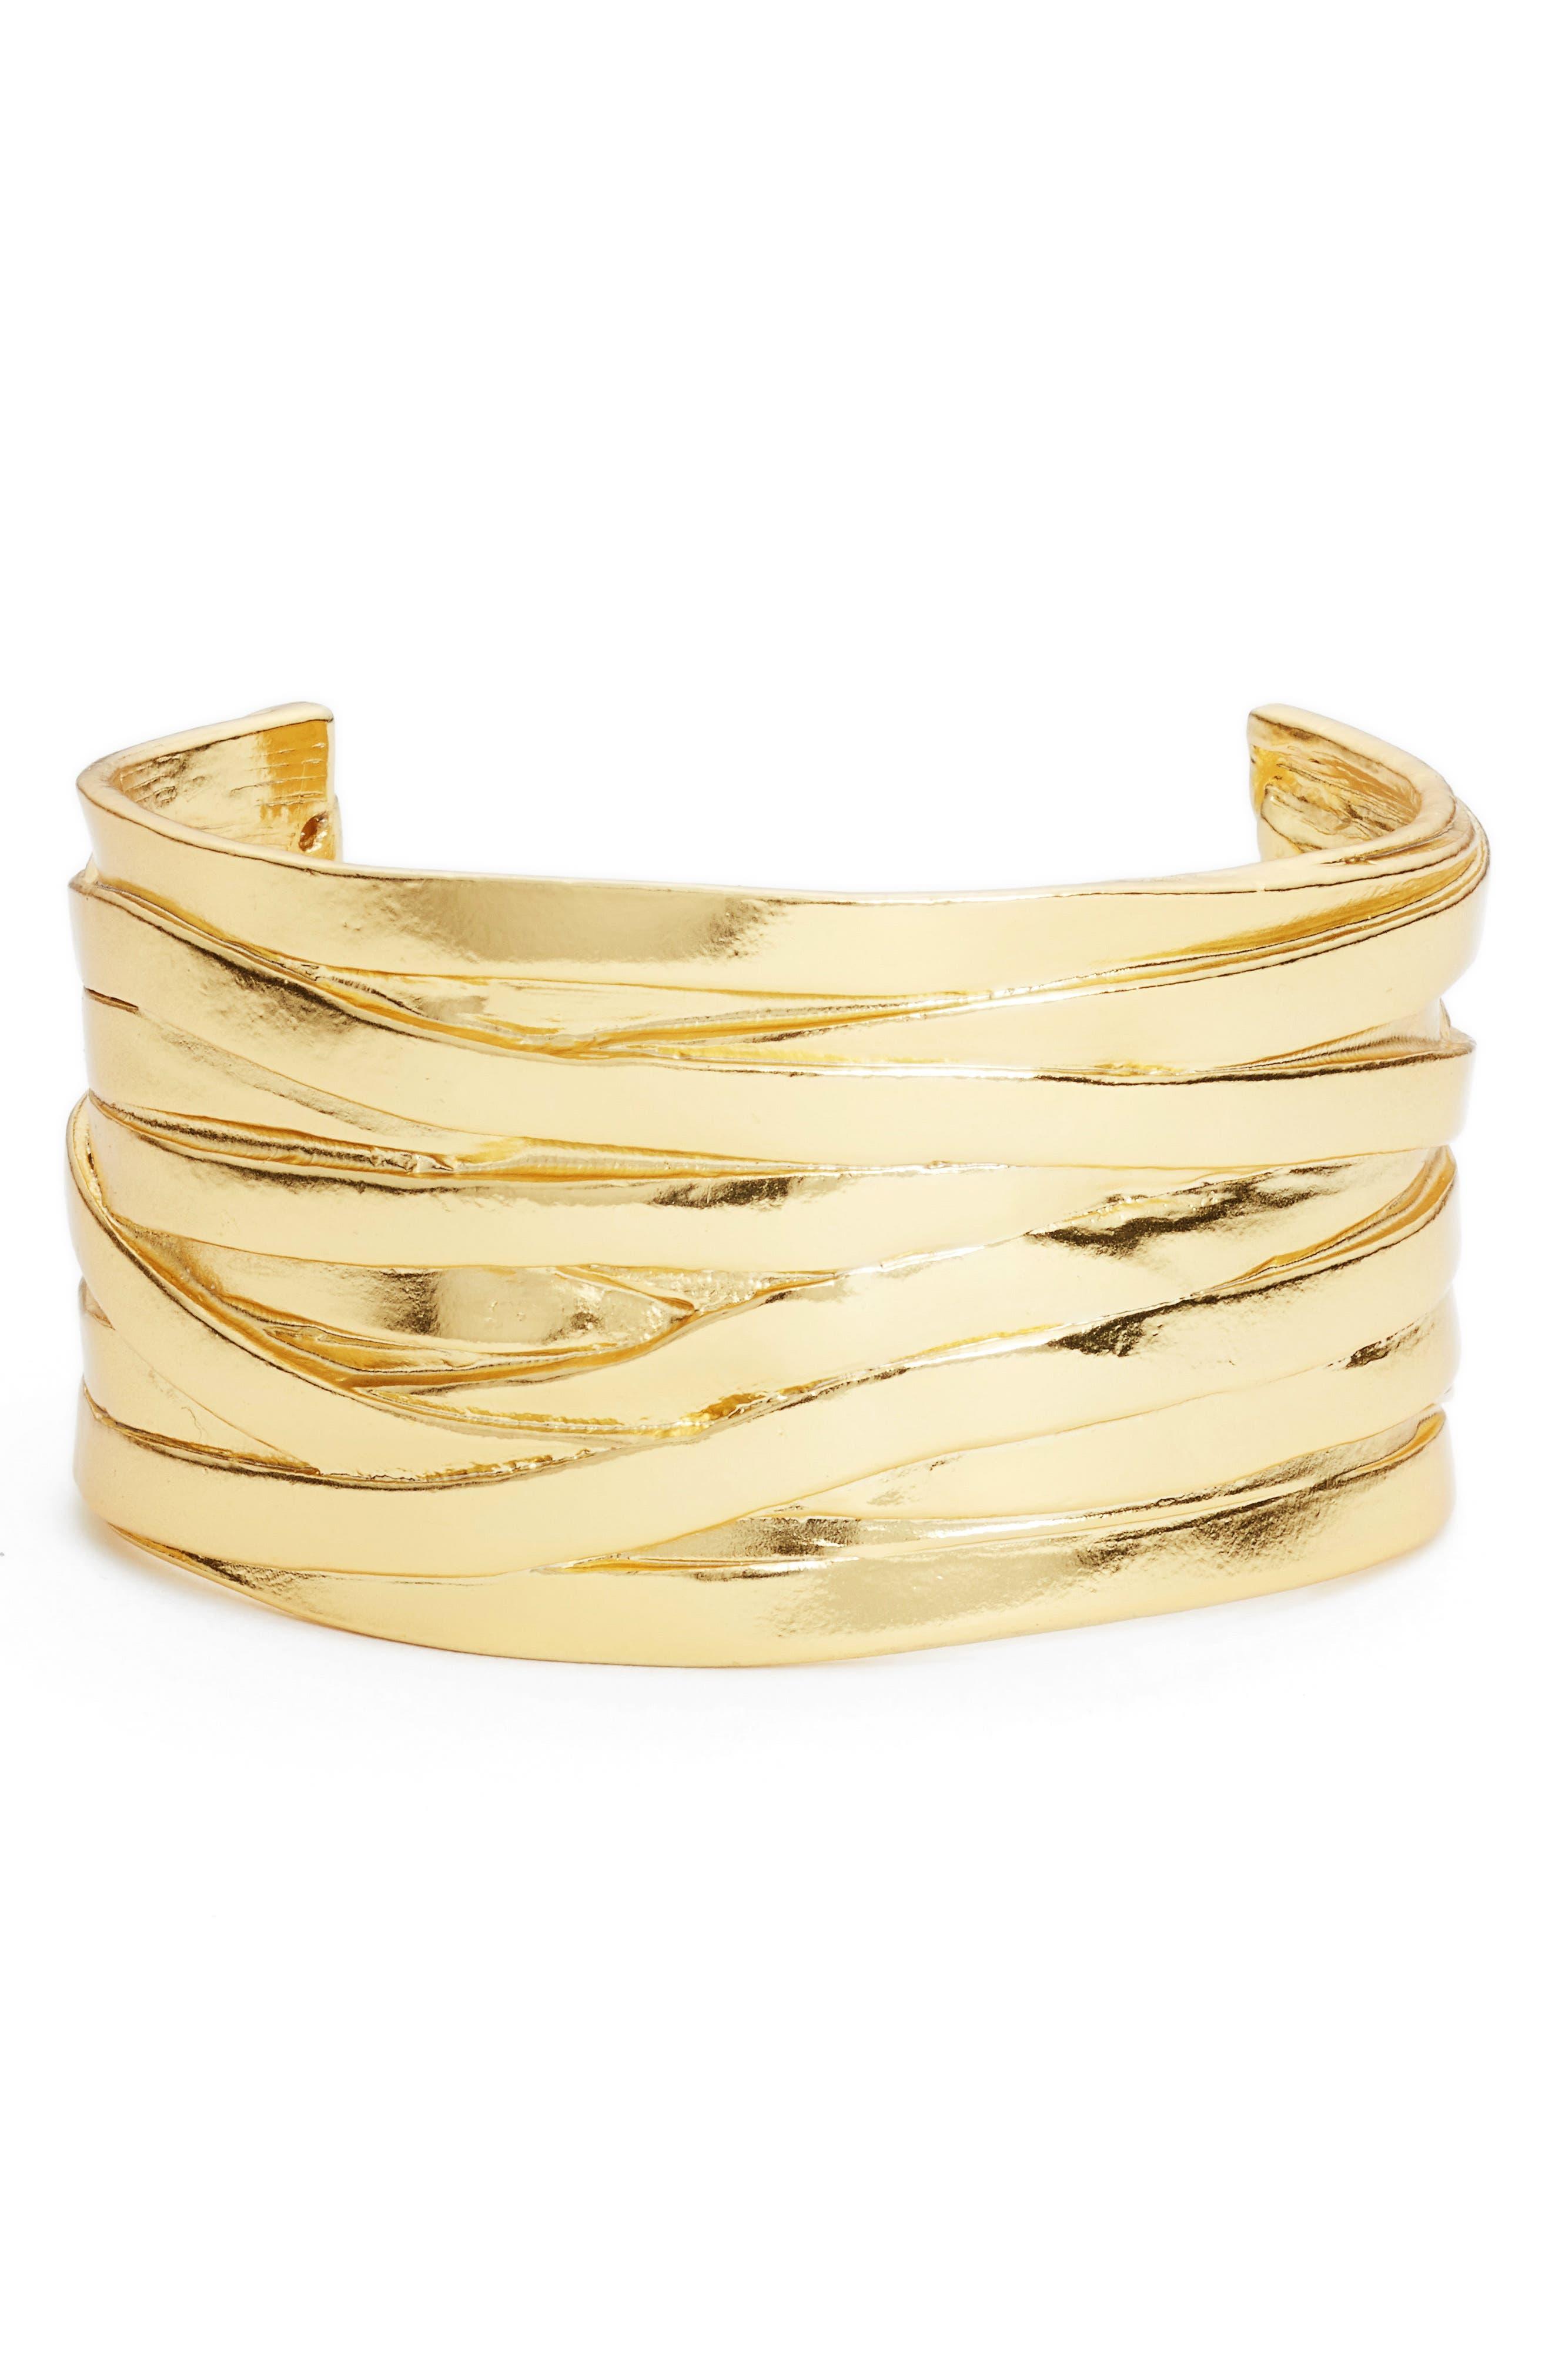 Karine Sultan Angelique Wrist Cuff